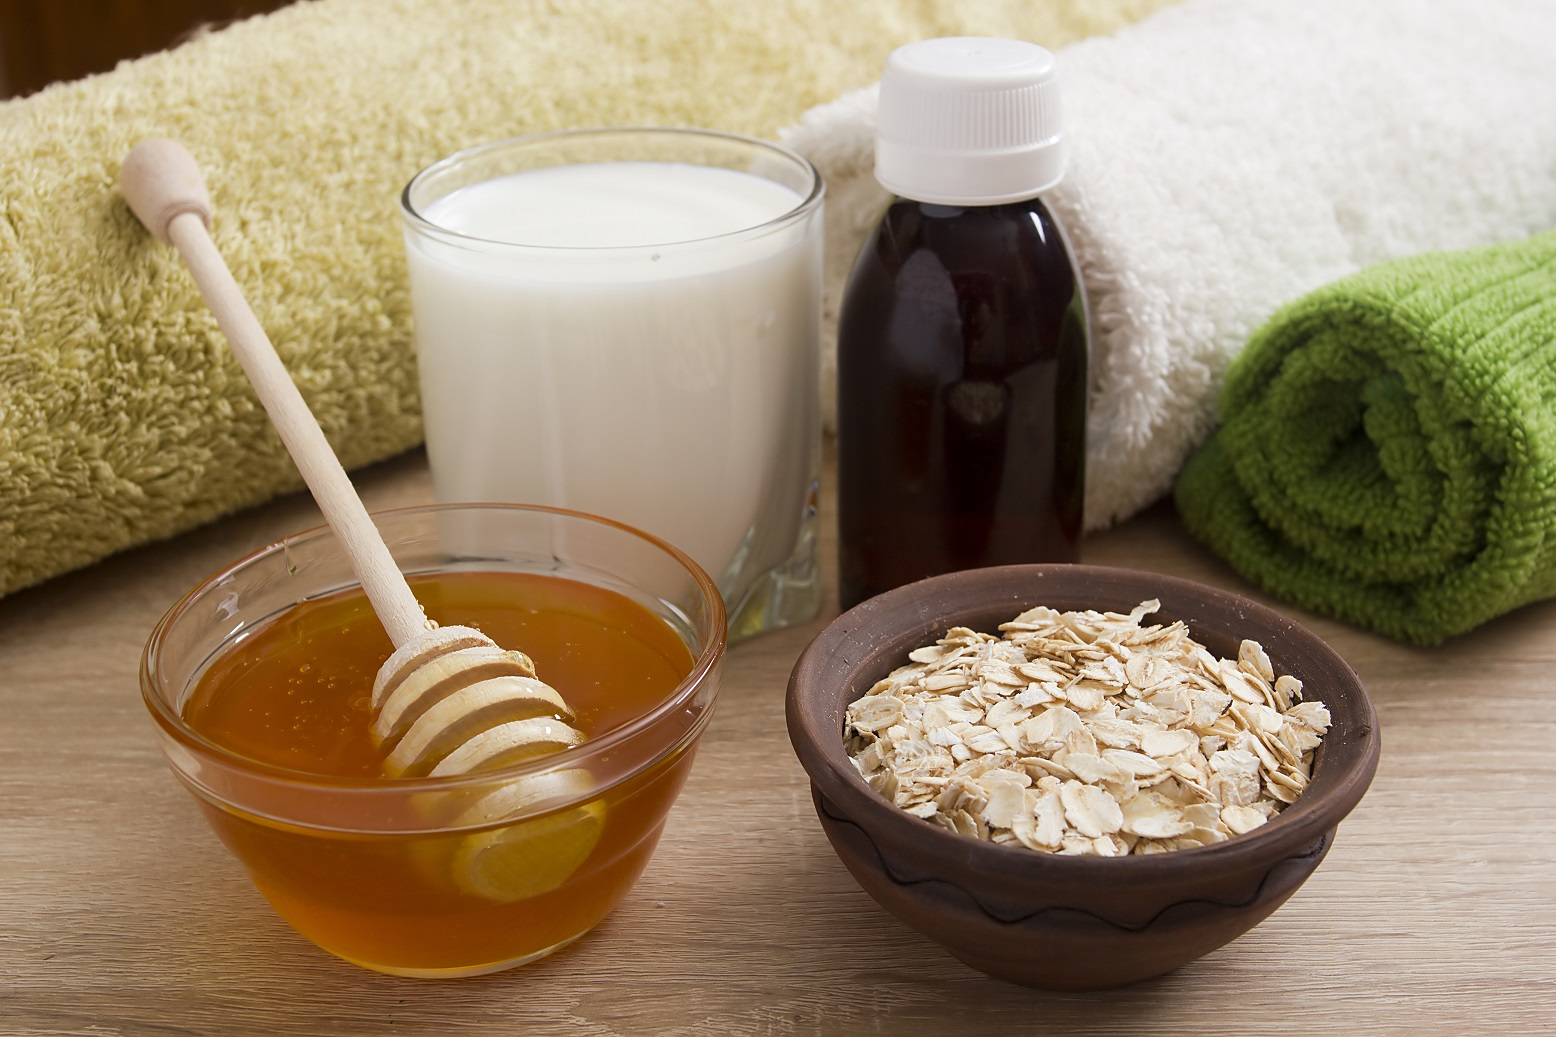 exfoliante facial casero de miel y avena